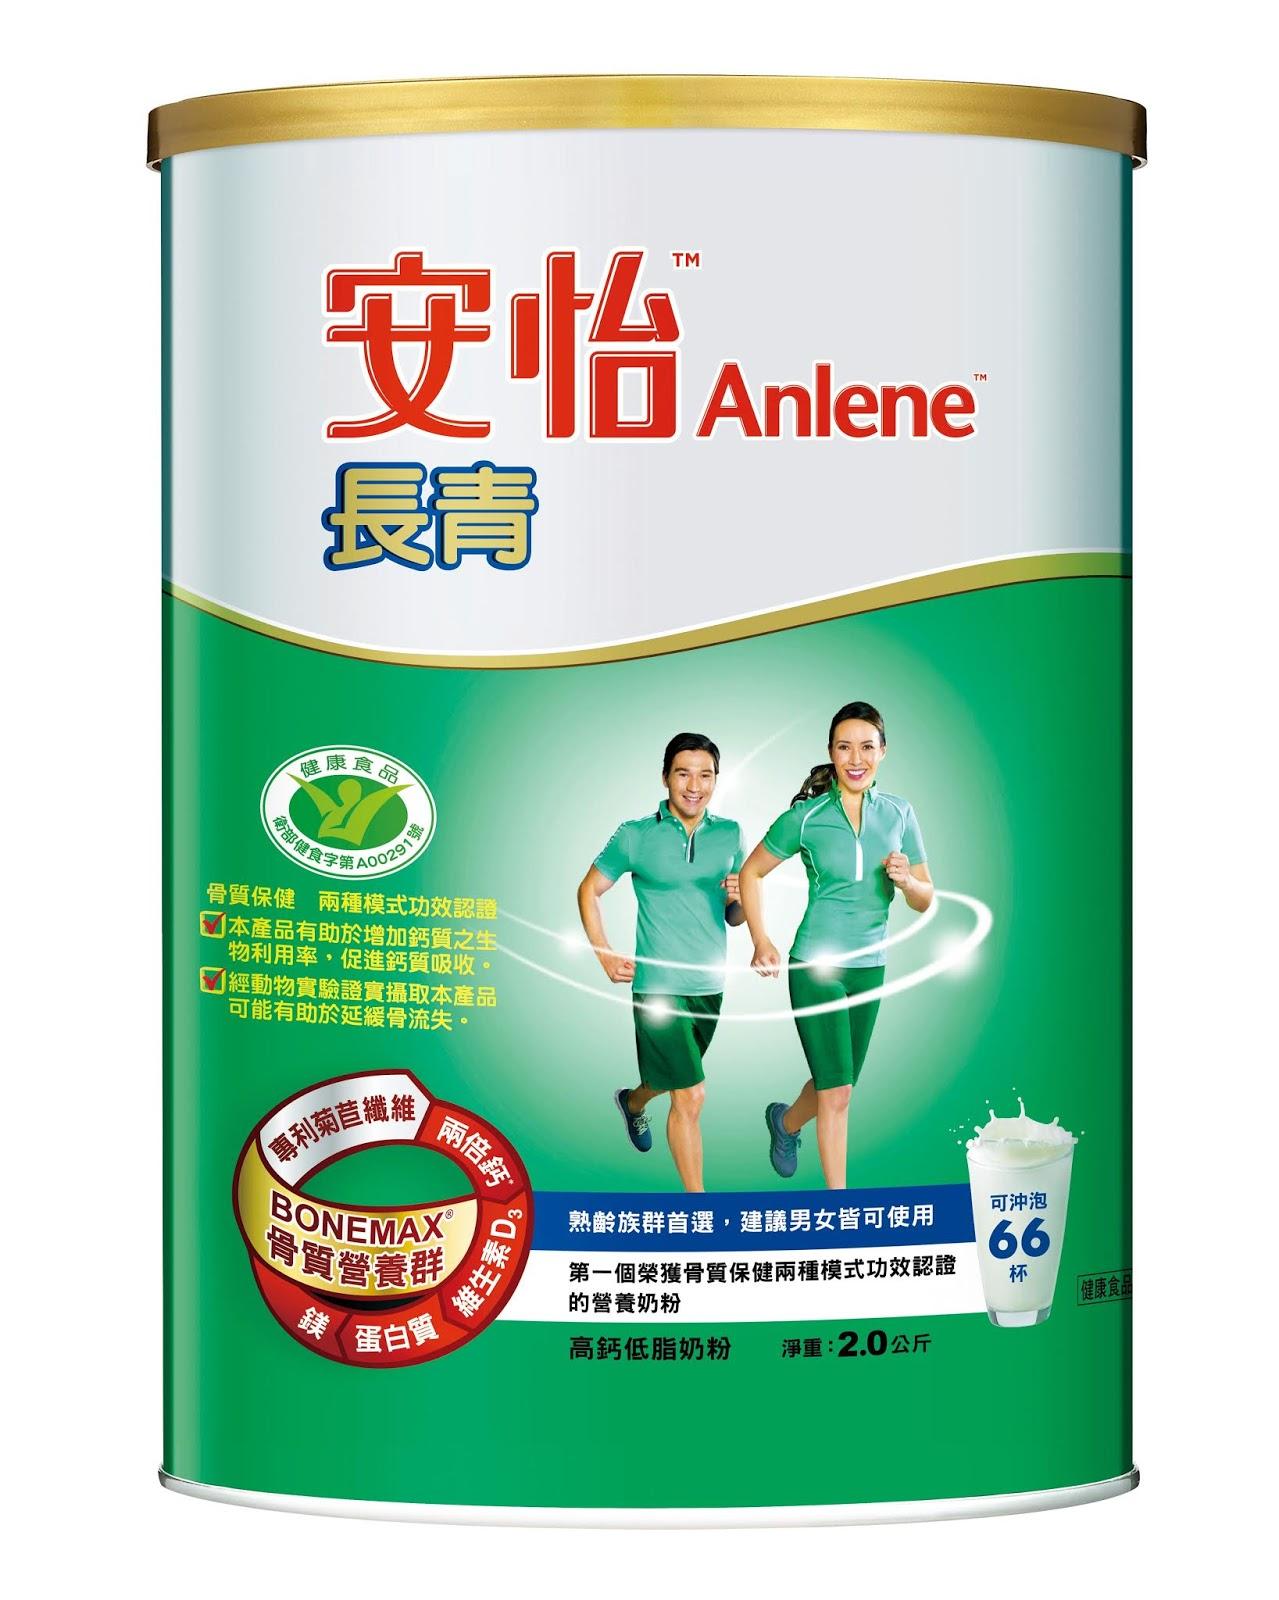 中華廣角鏡報 ChinaNews Lens: 不同族群補鈣對策大不同 保持靈活行動力 「安怡奶粉」打造全新補鈣思維